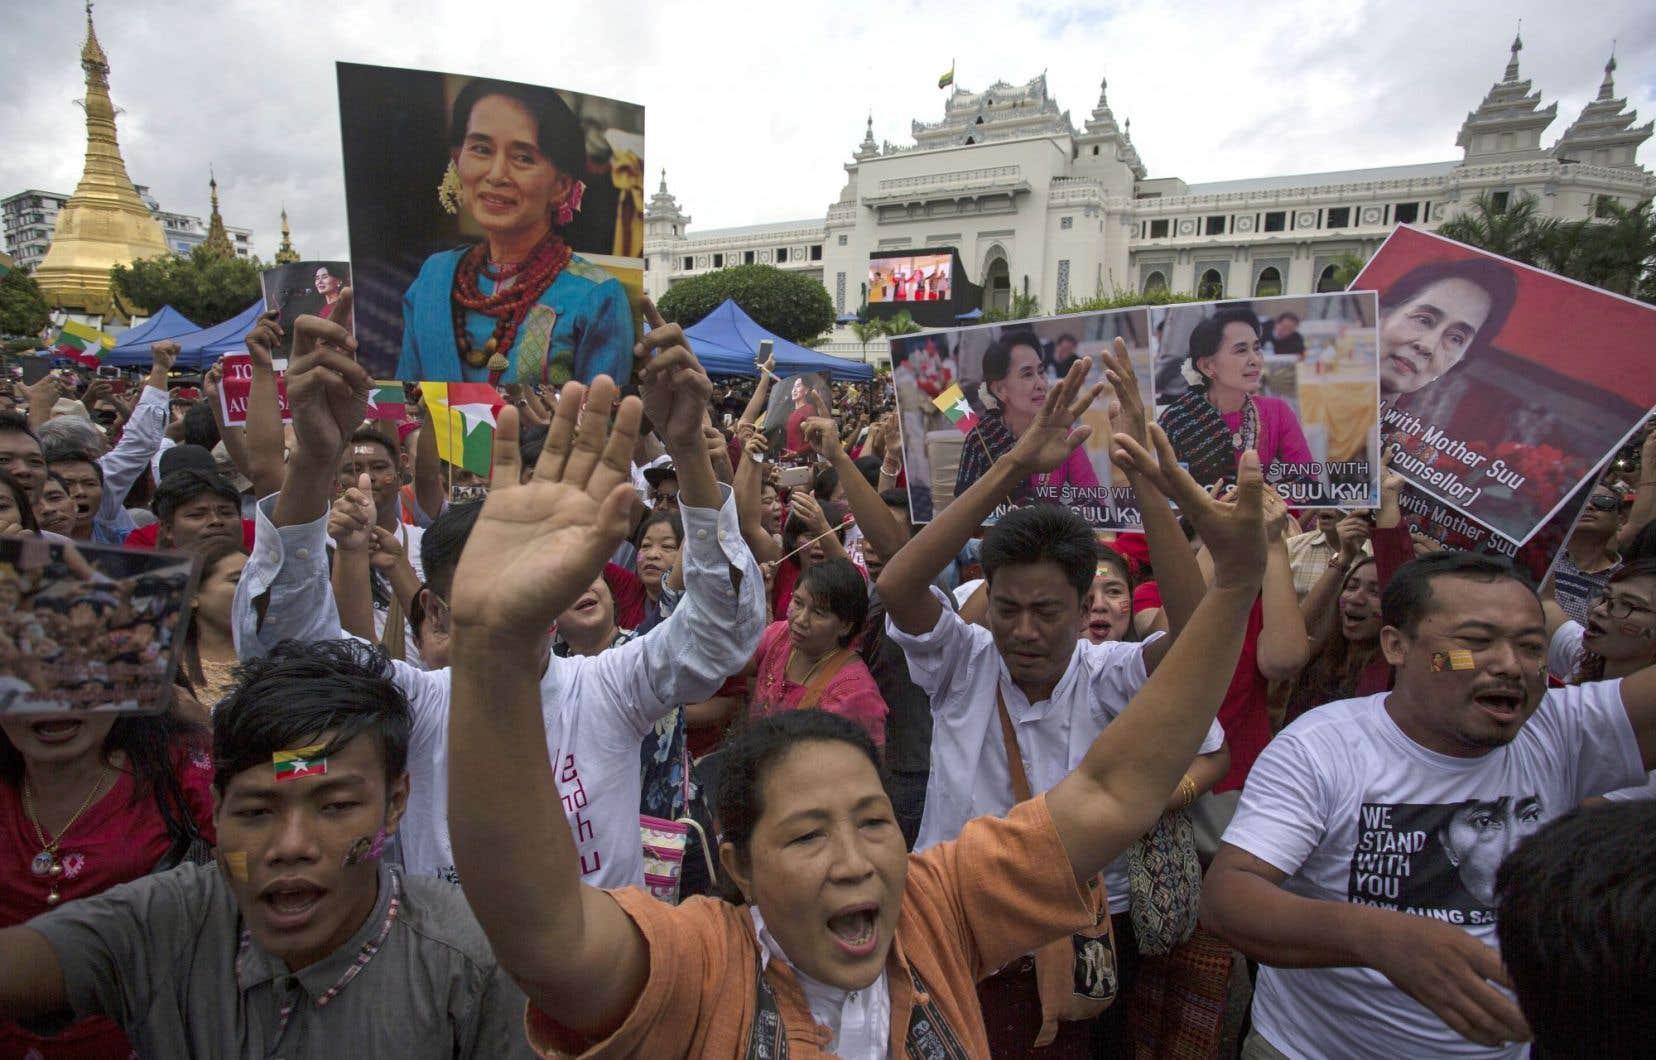 Au Myanmar, des milliers de personnes ont suivi sur des écrans géants l'intervention de leur dirigeante, Aung San Suu Kyi, munies de pancartes en soutien à celle qui reste une icône dans son pays.